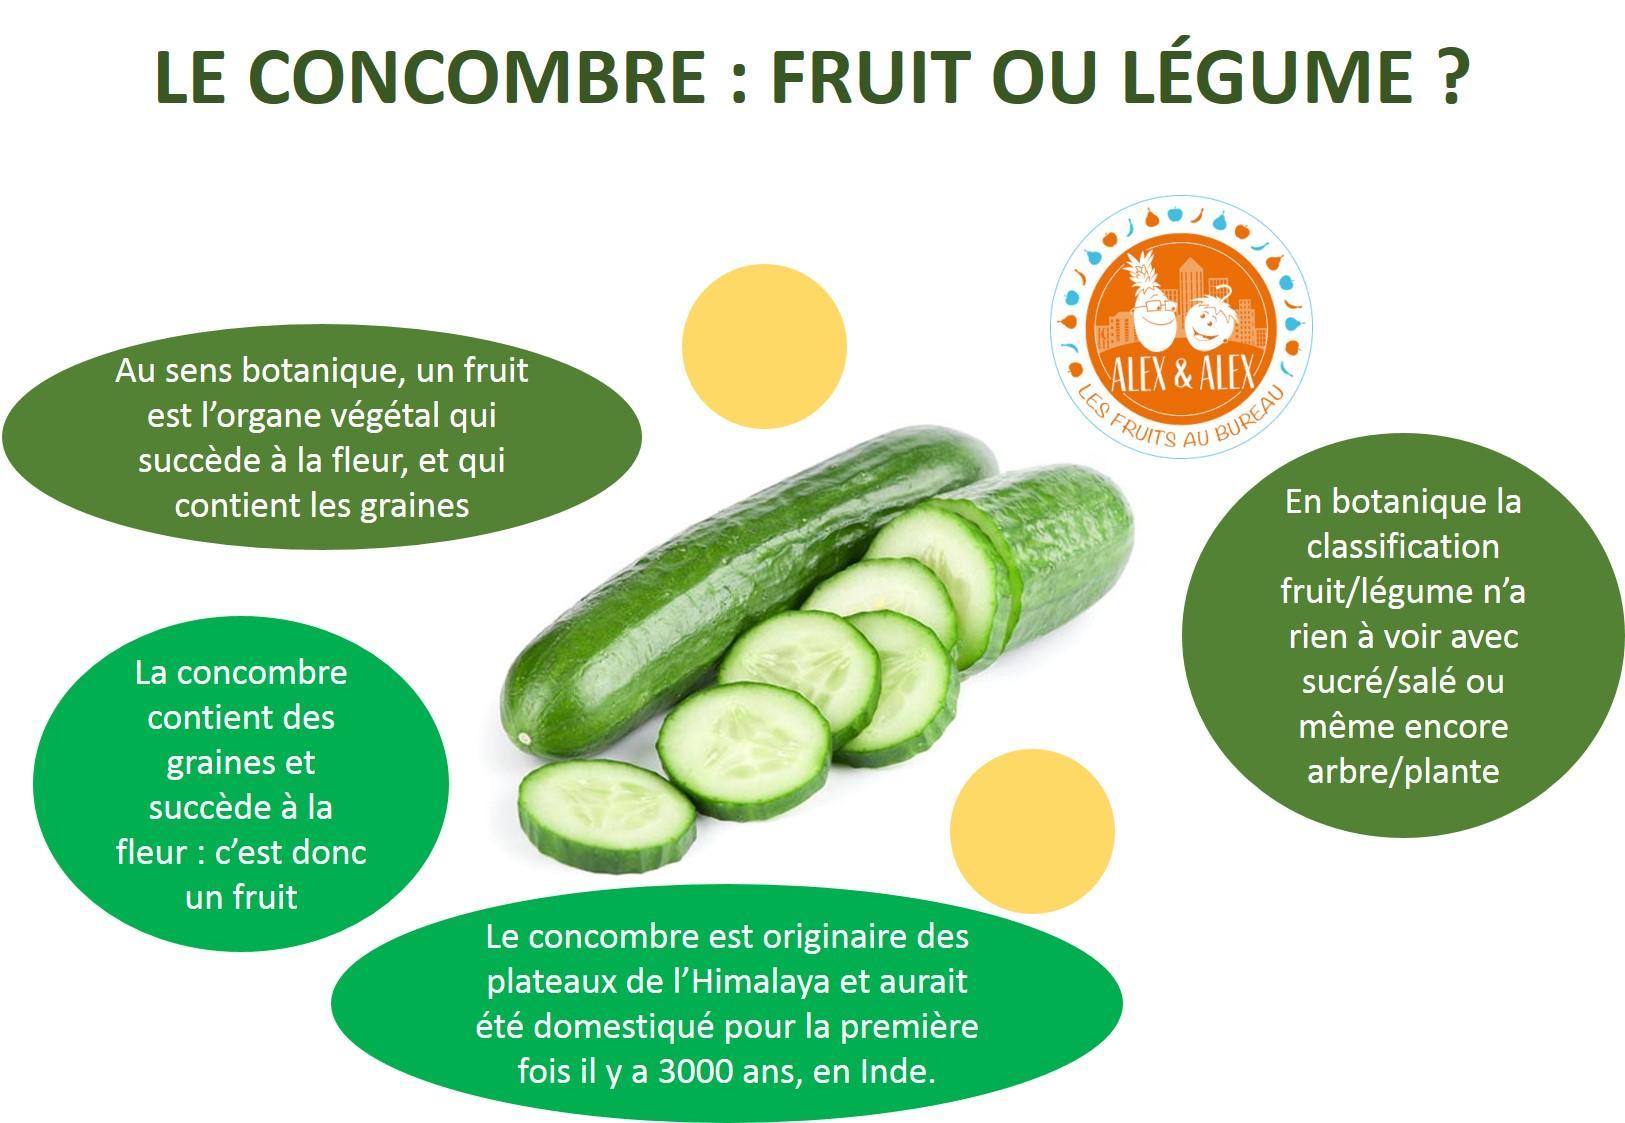 Concombre fruit ou l gume - Haricot vert fruit ou legume ...